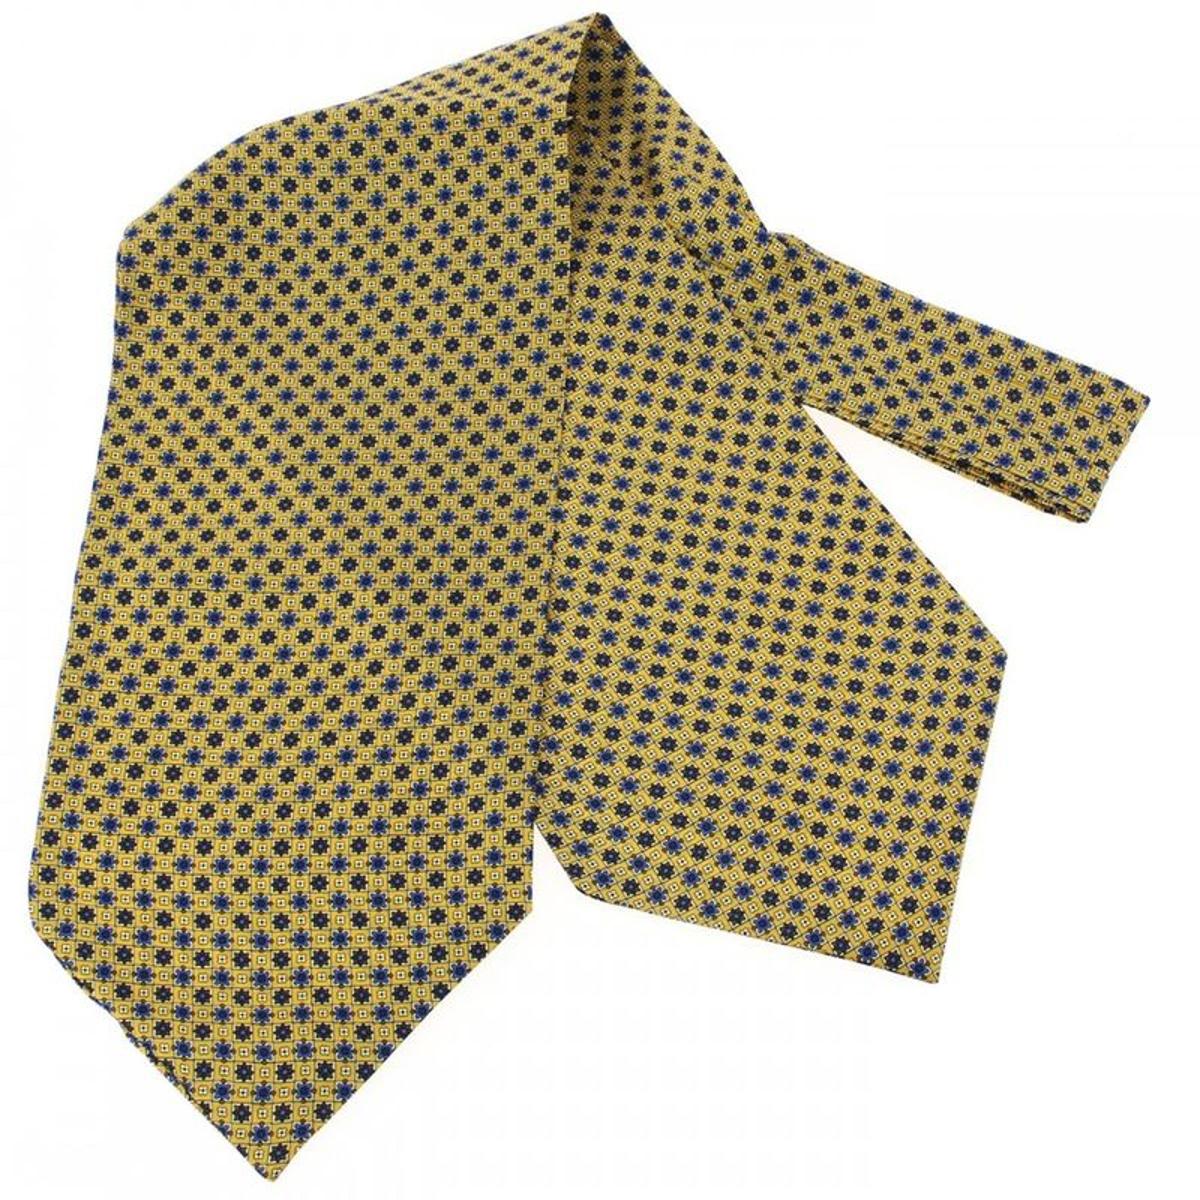 Pierre Louis, Foulard Ascot soie, Classico jaune paille